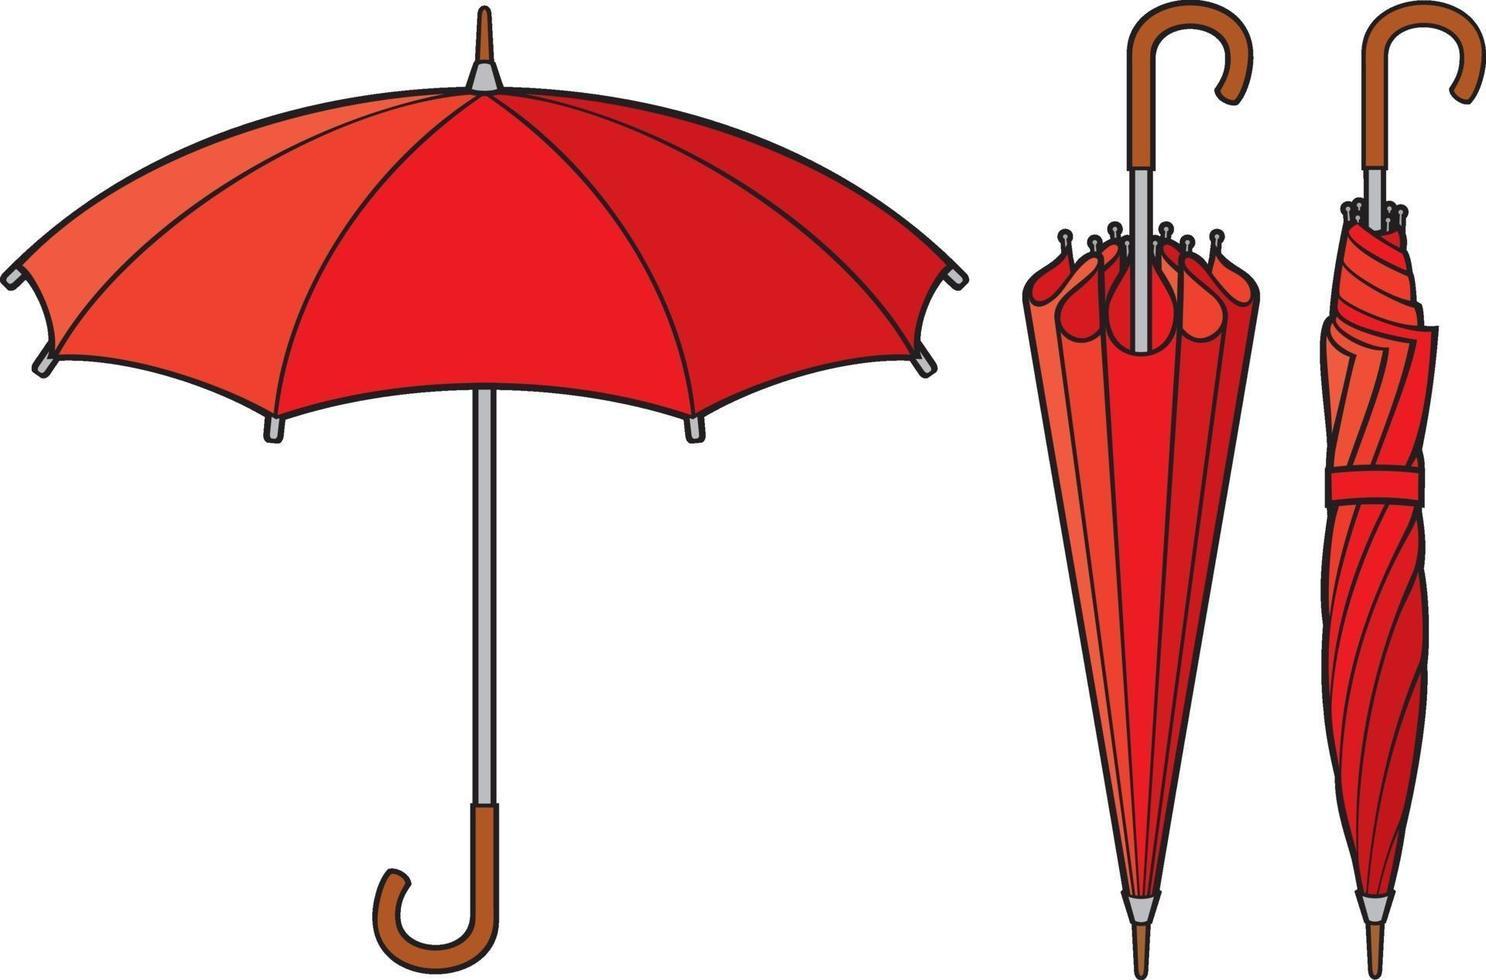 paraguas cerrado y abierto vector